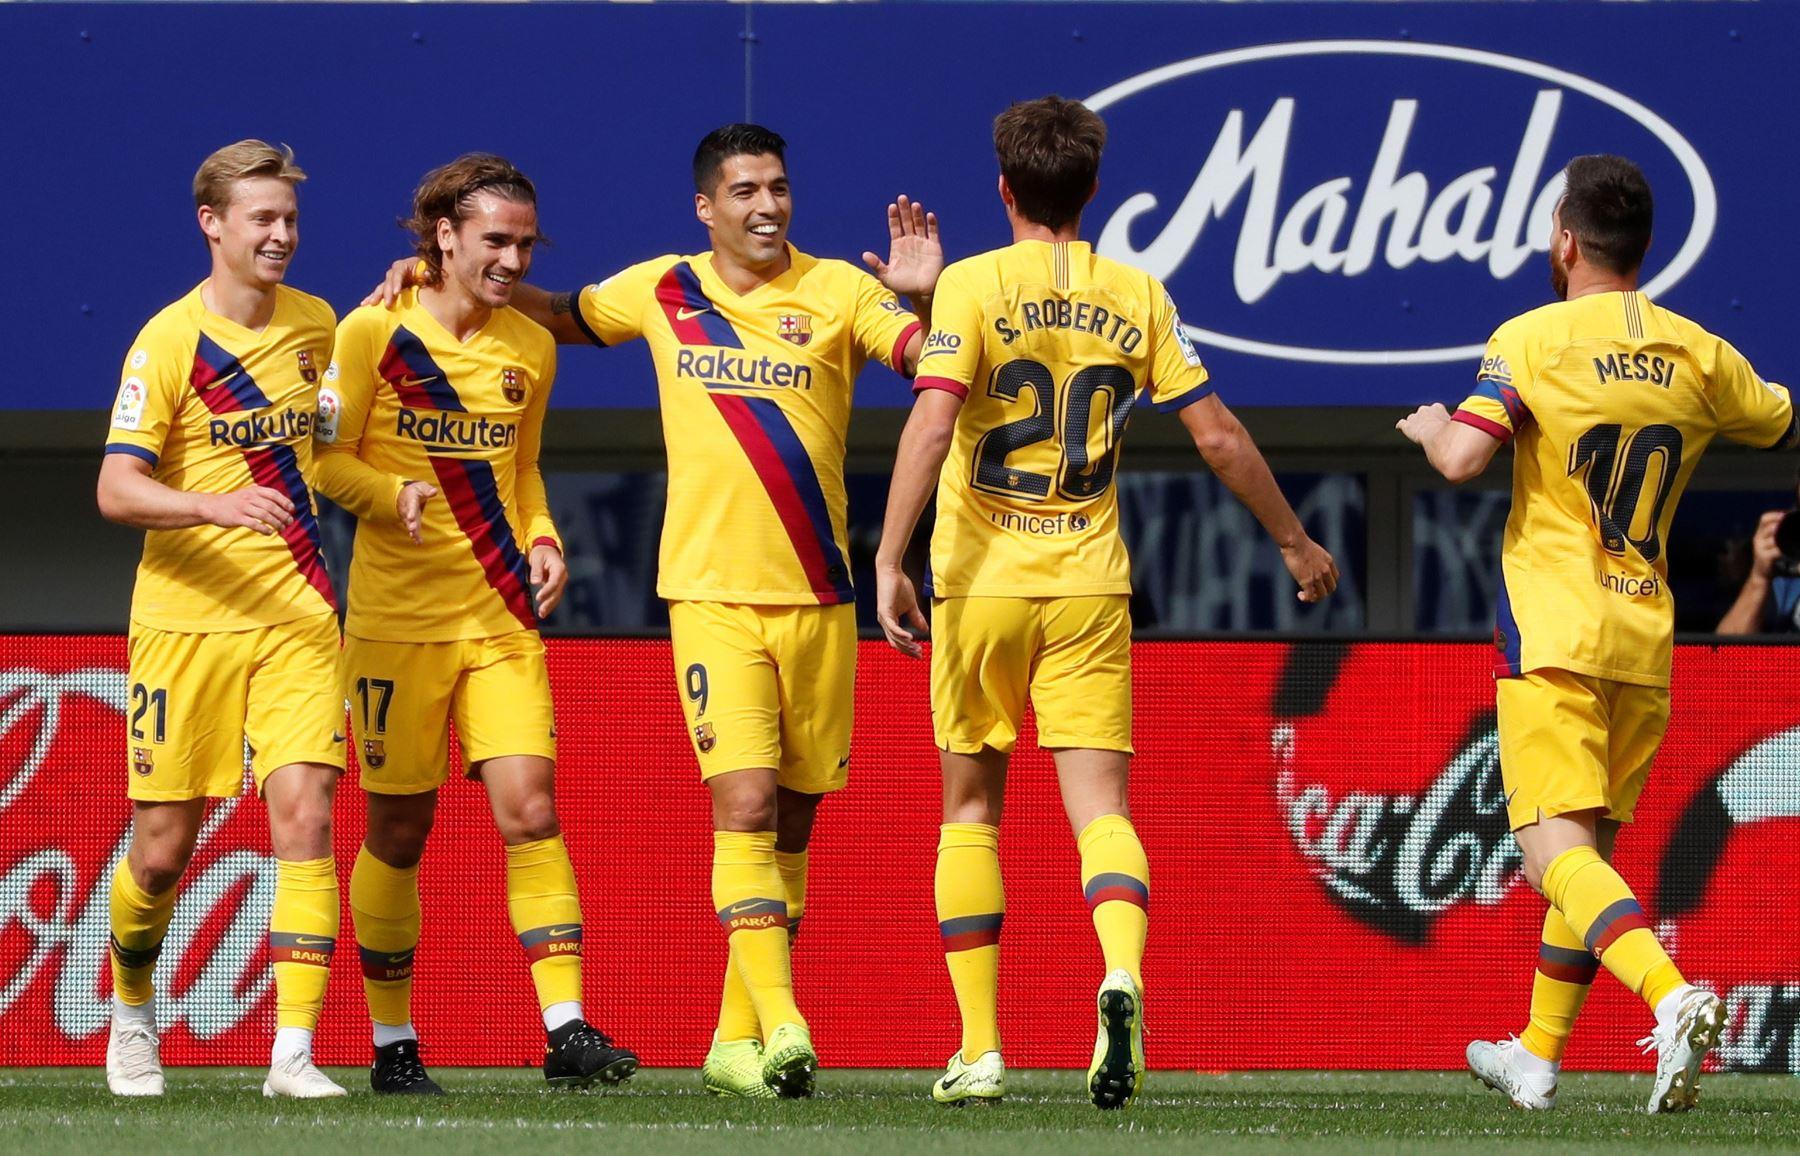 El delantero uruguayo del Barcelona, Luis Suárez, celebra tercer gol junto a su equipo en partido disputado contra Eibar por Liga Santander. Foto: EFE